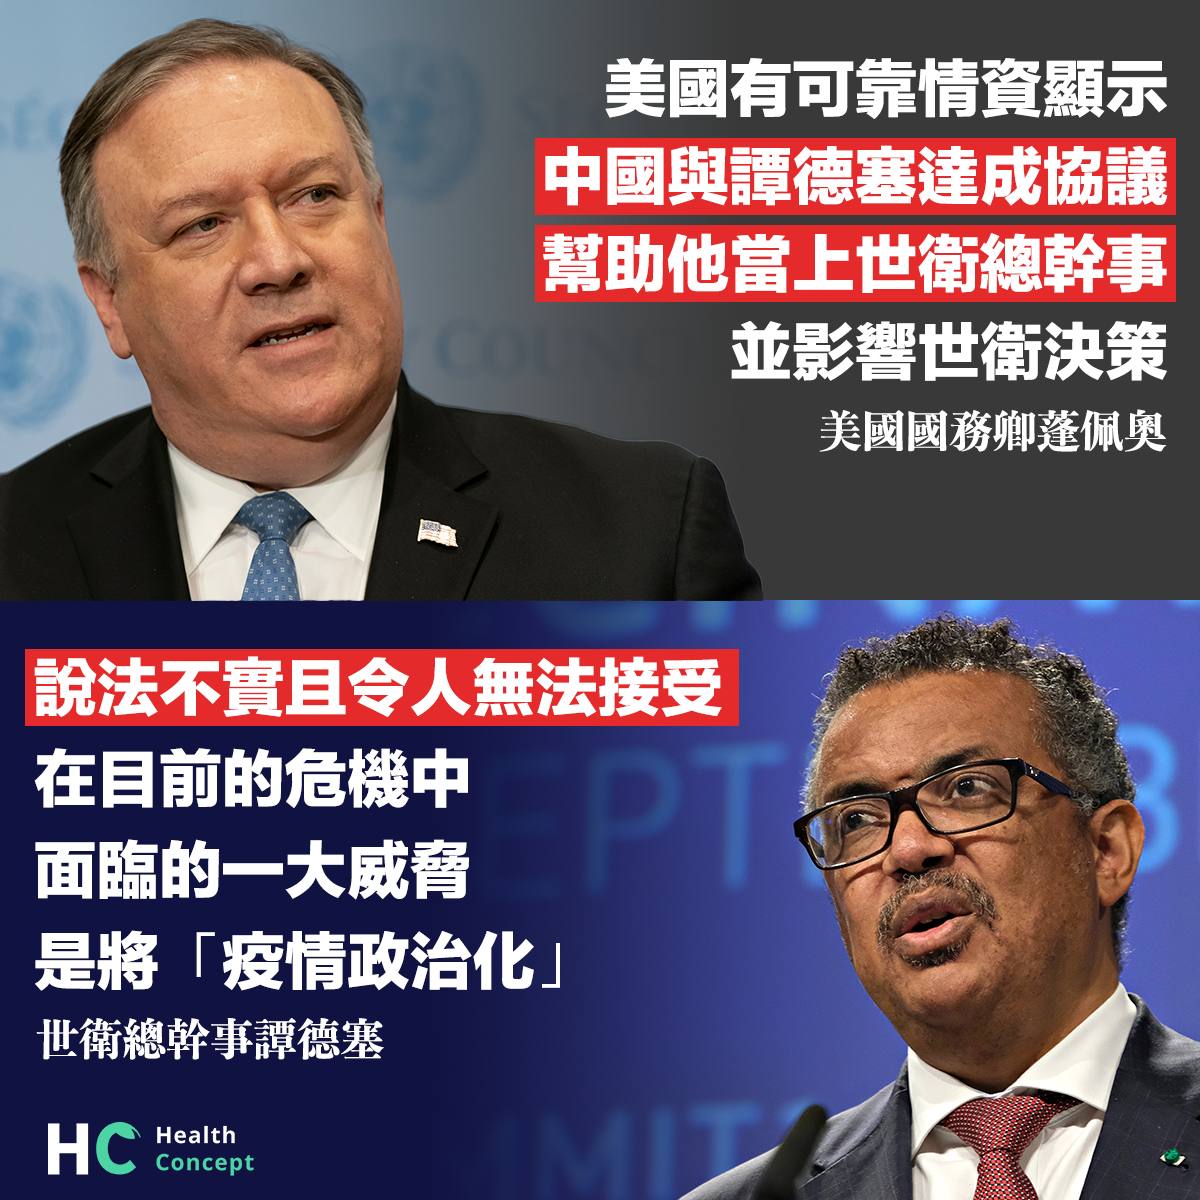 【#新型肺炎】蓬佩奧指中國收買世衛總幹事 譚德塞:說法不實